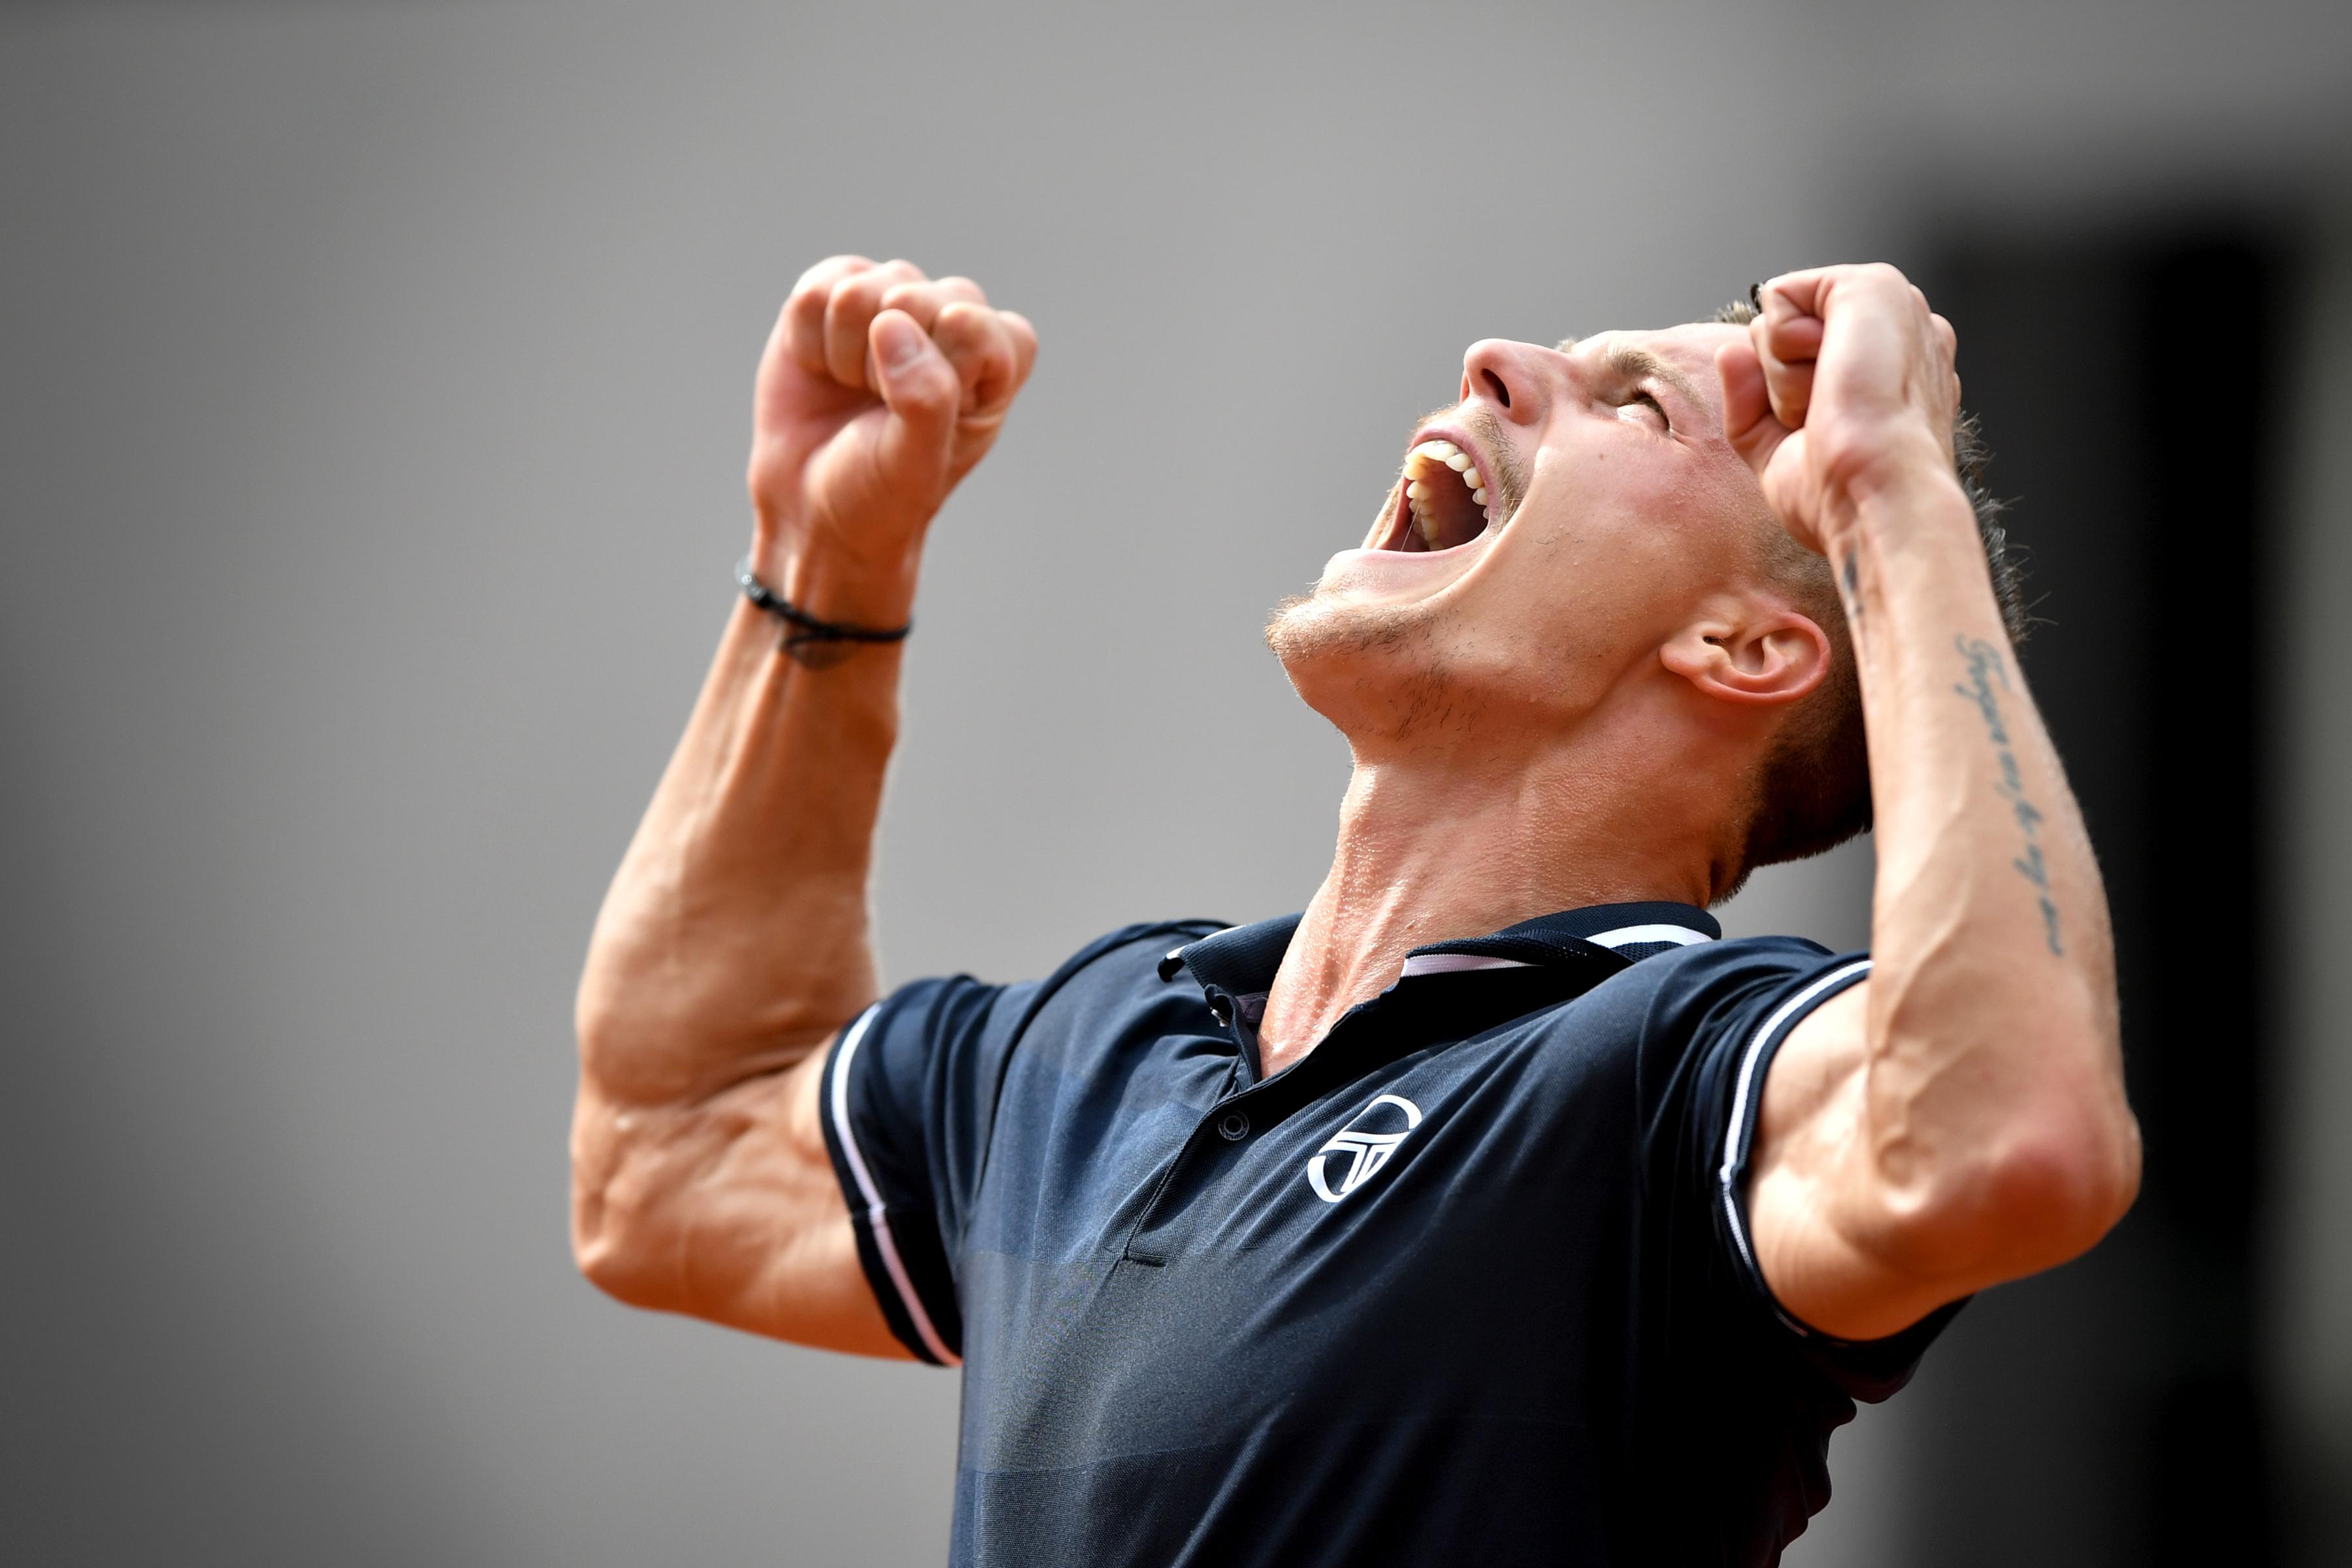 Fucsovics Márton negyeddöntős Wimbledonban, a világelső Novak Djokovic lesz az ellenfele